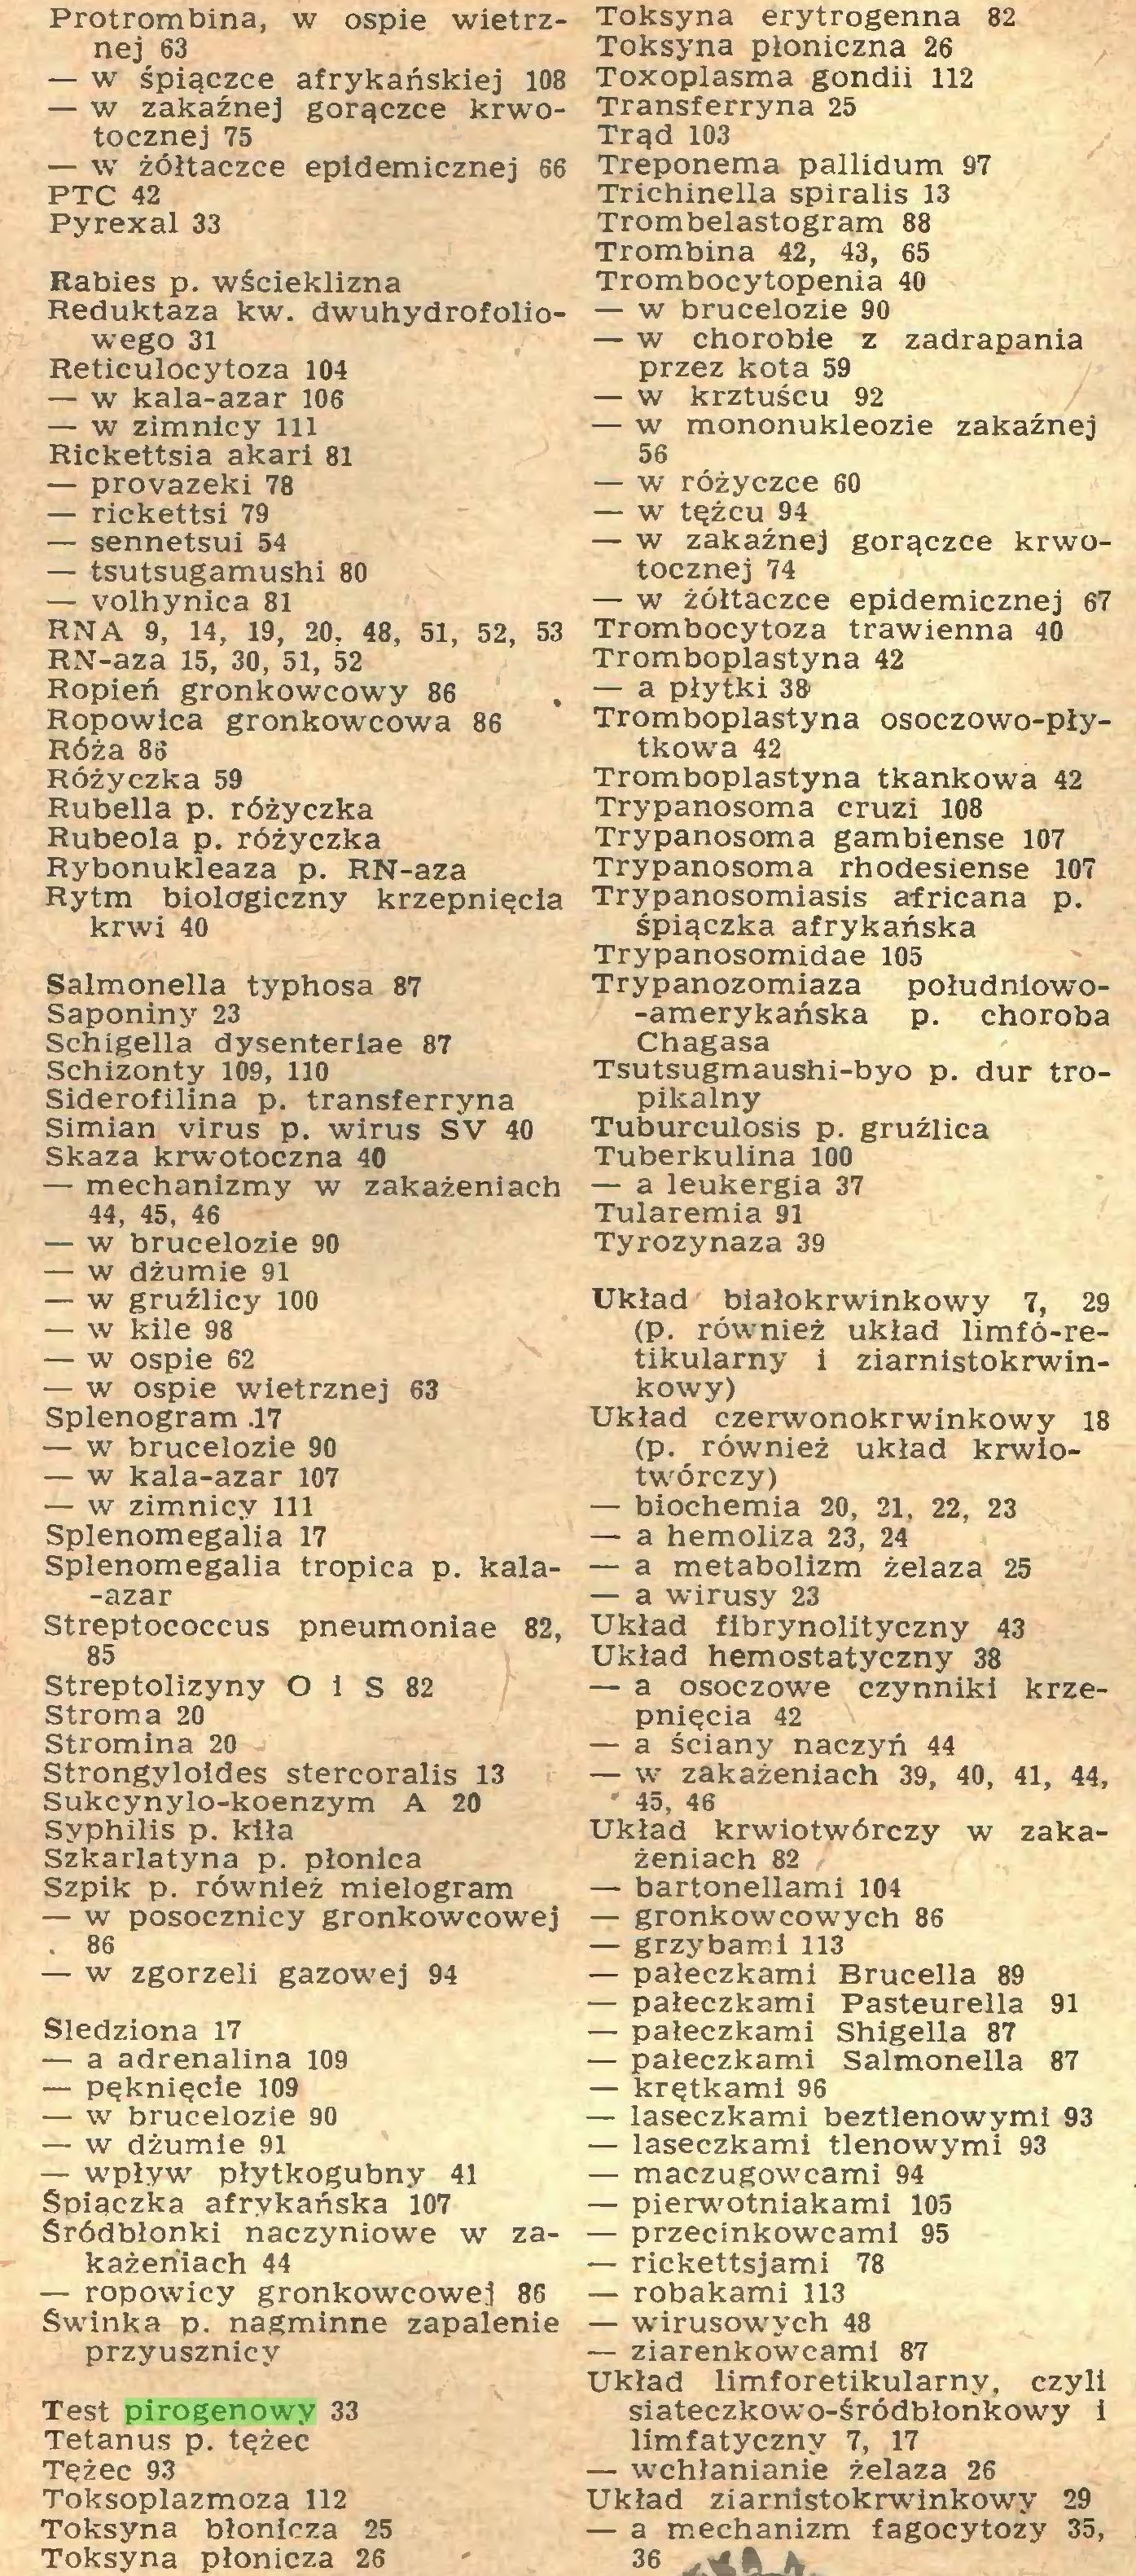 (...) Test pirogenowy 33 Tetanus p. tężec Tężec 93 Toksoplazmoza 112 Toksyna błonicza 25 Toksyna płonicza 26 Toksyna erytrogenna 82 Toksyna płoniczna 26 Toxoplasma gondii 112 Transferryna 25 Trąd 103 Treponema pallidum 97 Trichinella spiralis 13 Trombelastogrąm 88 Trombina 42, 43, 65 Trombocytopenia 40 — w brucelozie 90 — w chorobie z zadrapania przez kota 59 — w krztuścu 92 — w mononukleozie zakaźnej 56 — w różyczce 60 — w tężcu 94...